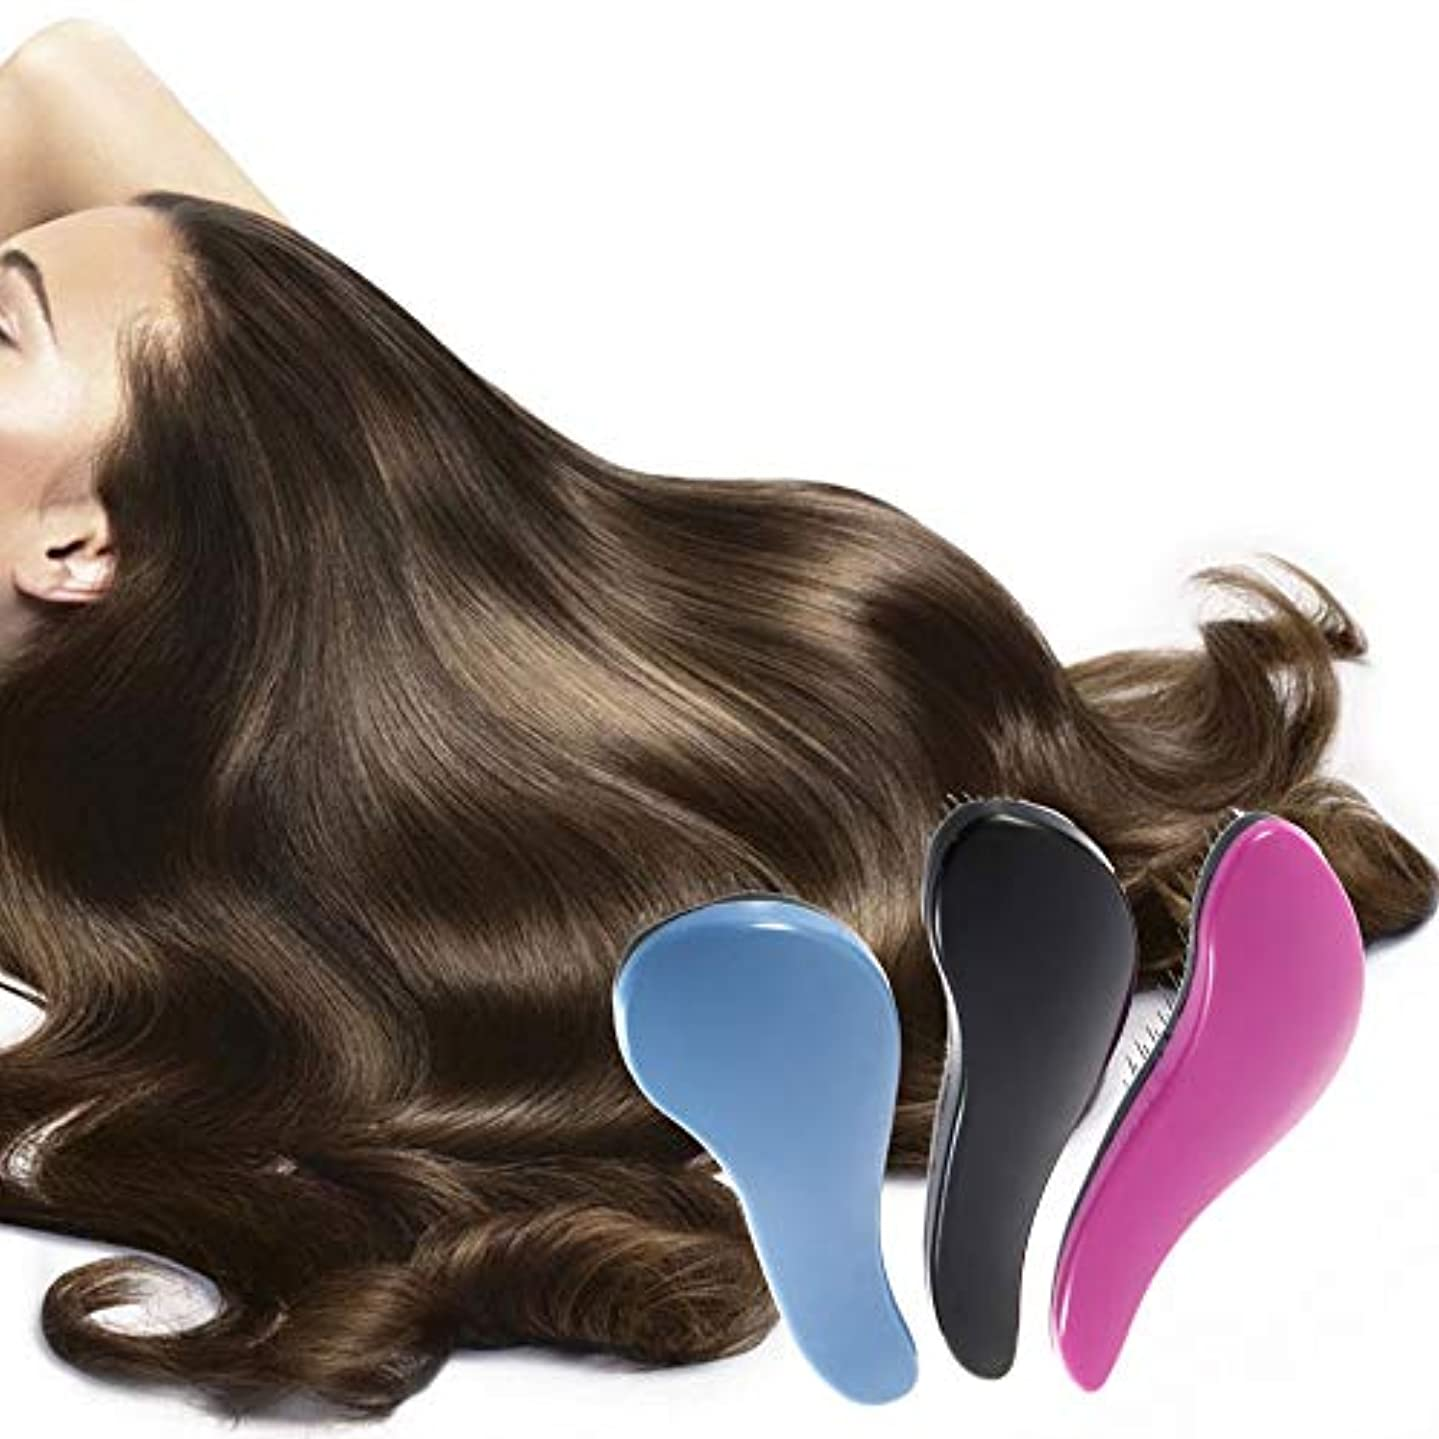 サバント入手します図1本のプラスチックパドルヘアブラシ - 女性の男性と子供のための環境に優しい剛毛のもつれを解消するヘアブラシ - フリッツとマッサージスカルプを減らす (4)